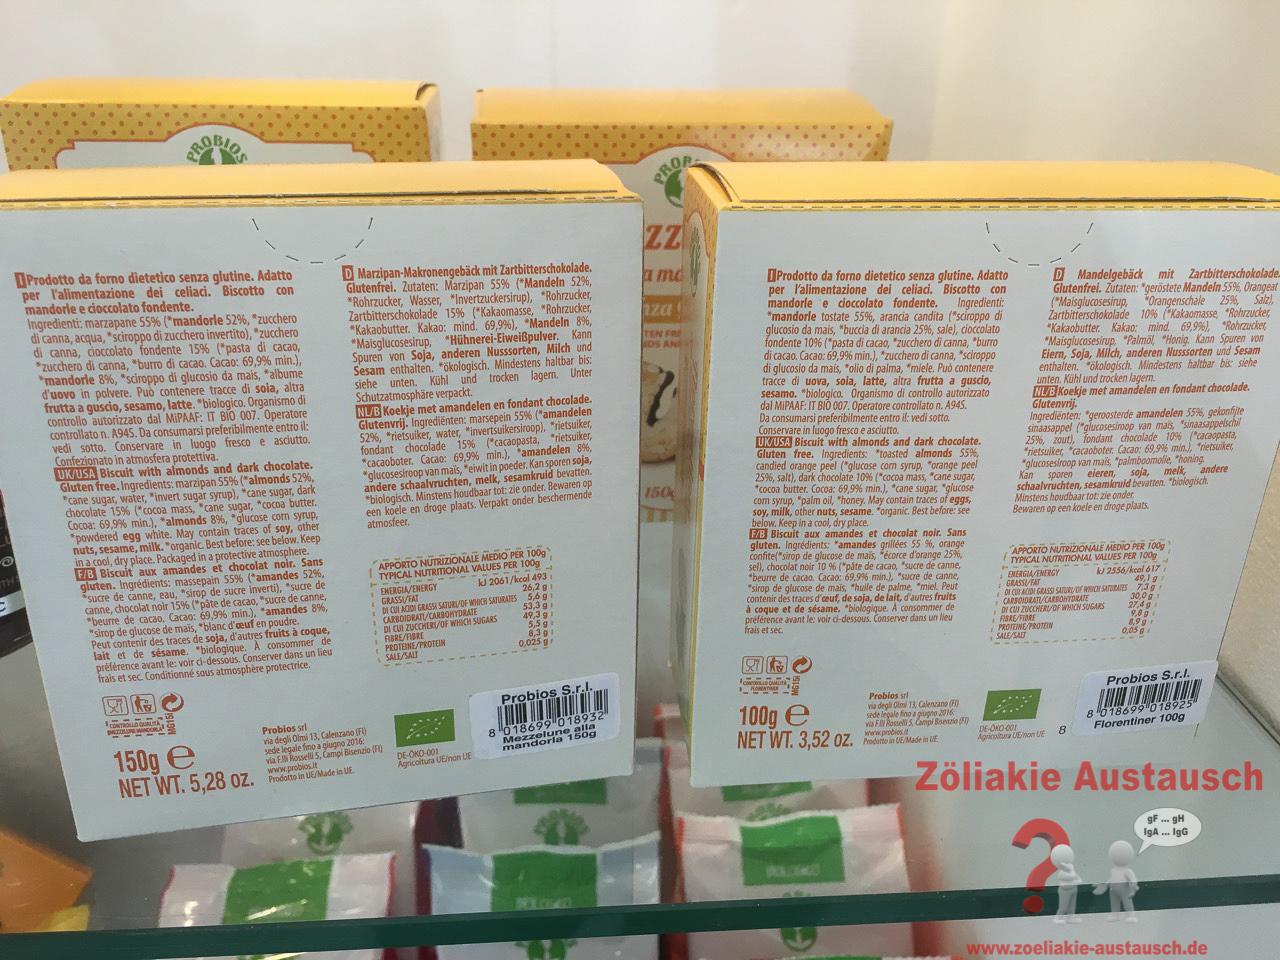 BioFach_2016-Zoeliakie_Austausch_012